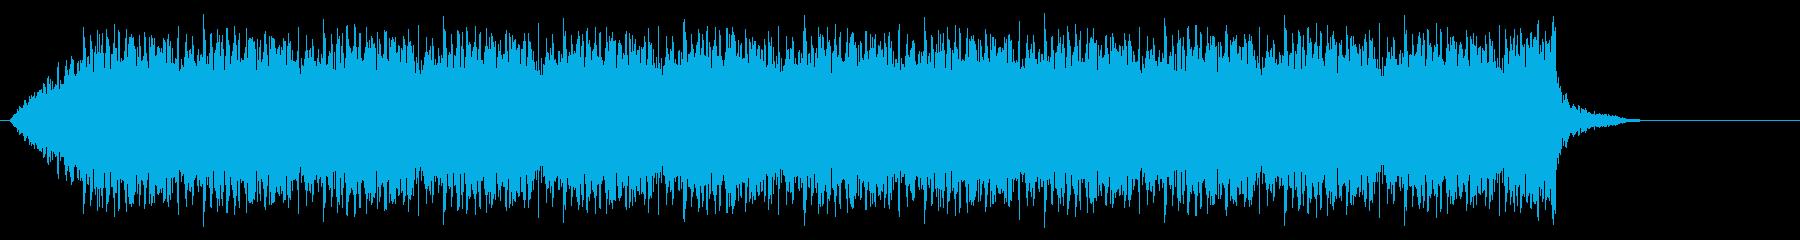 船のサイレン5の再生済みの波形